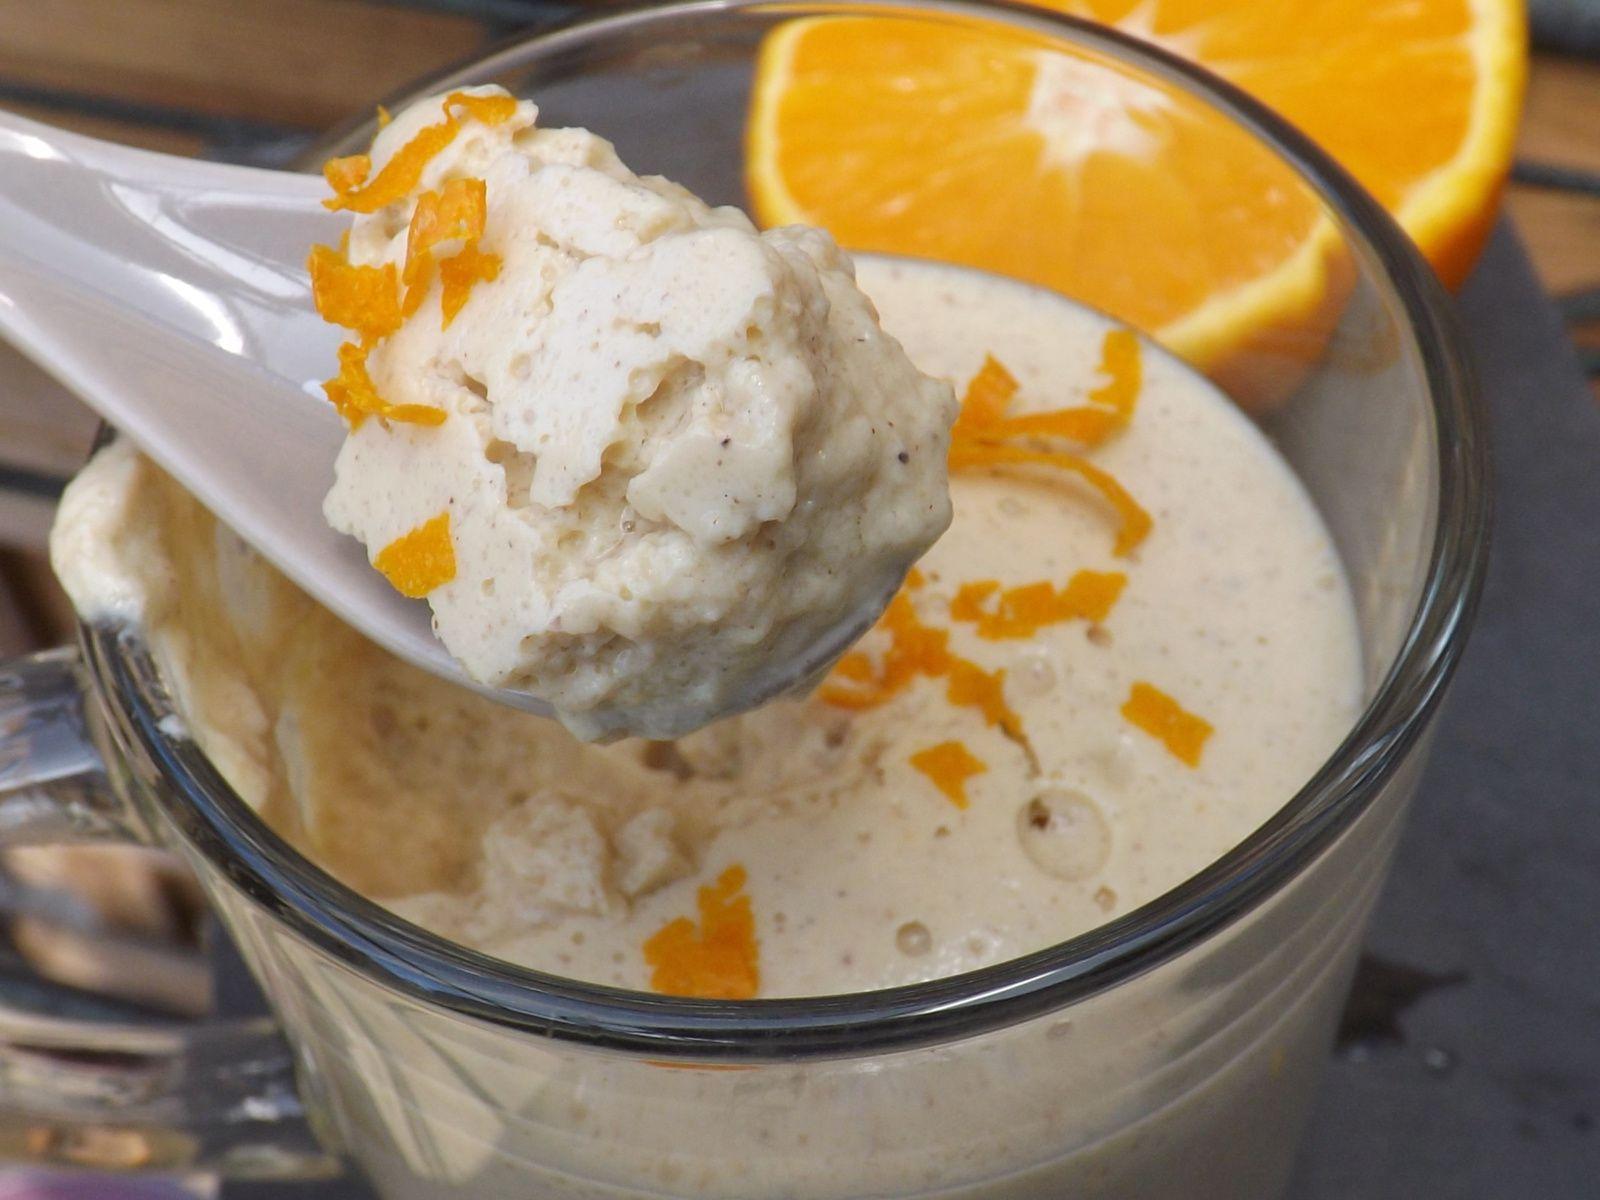 Mousse orange et noisette au tofu soyeux